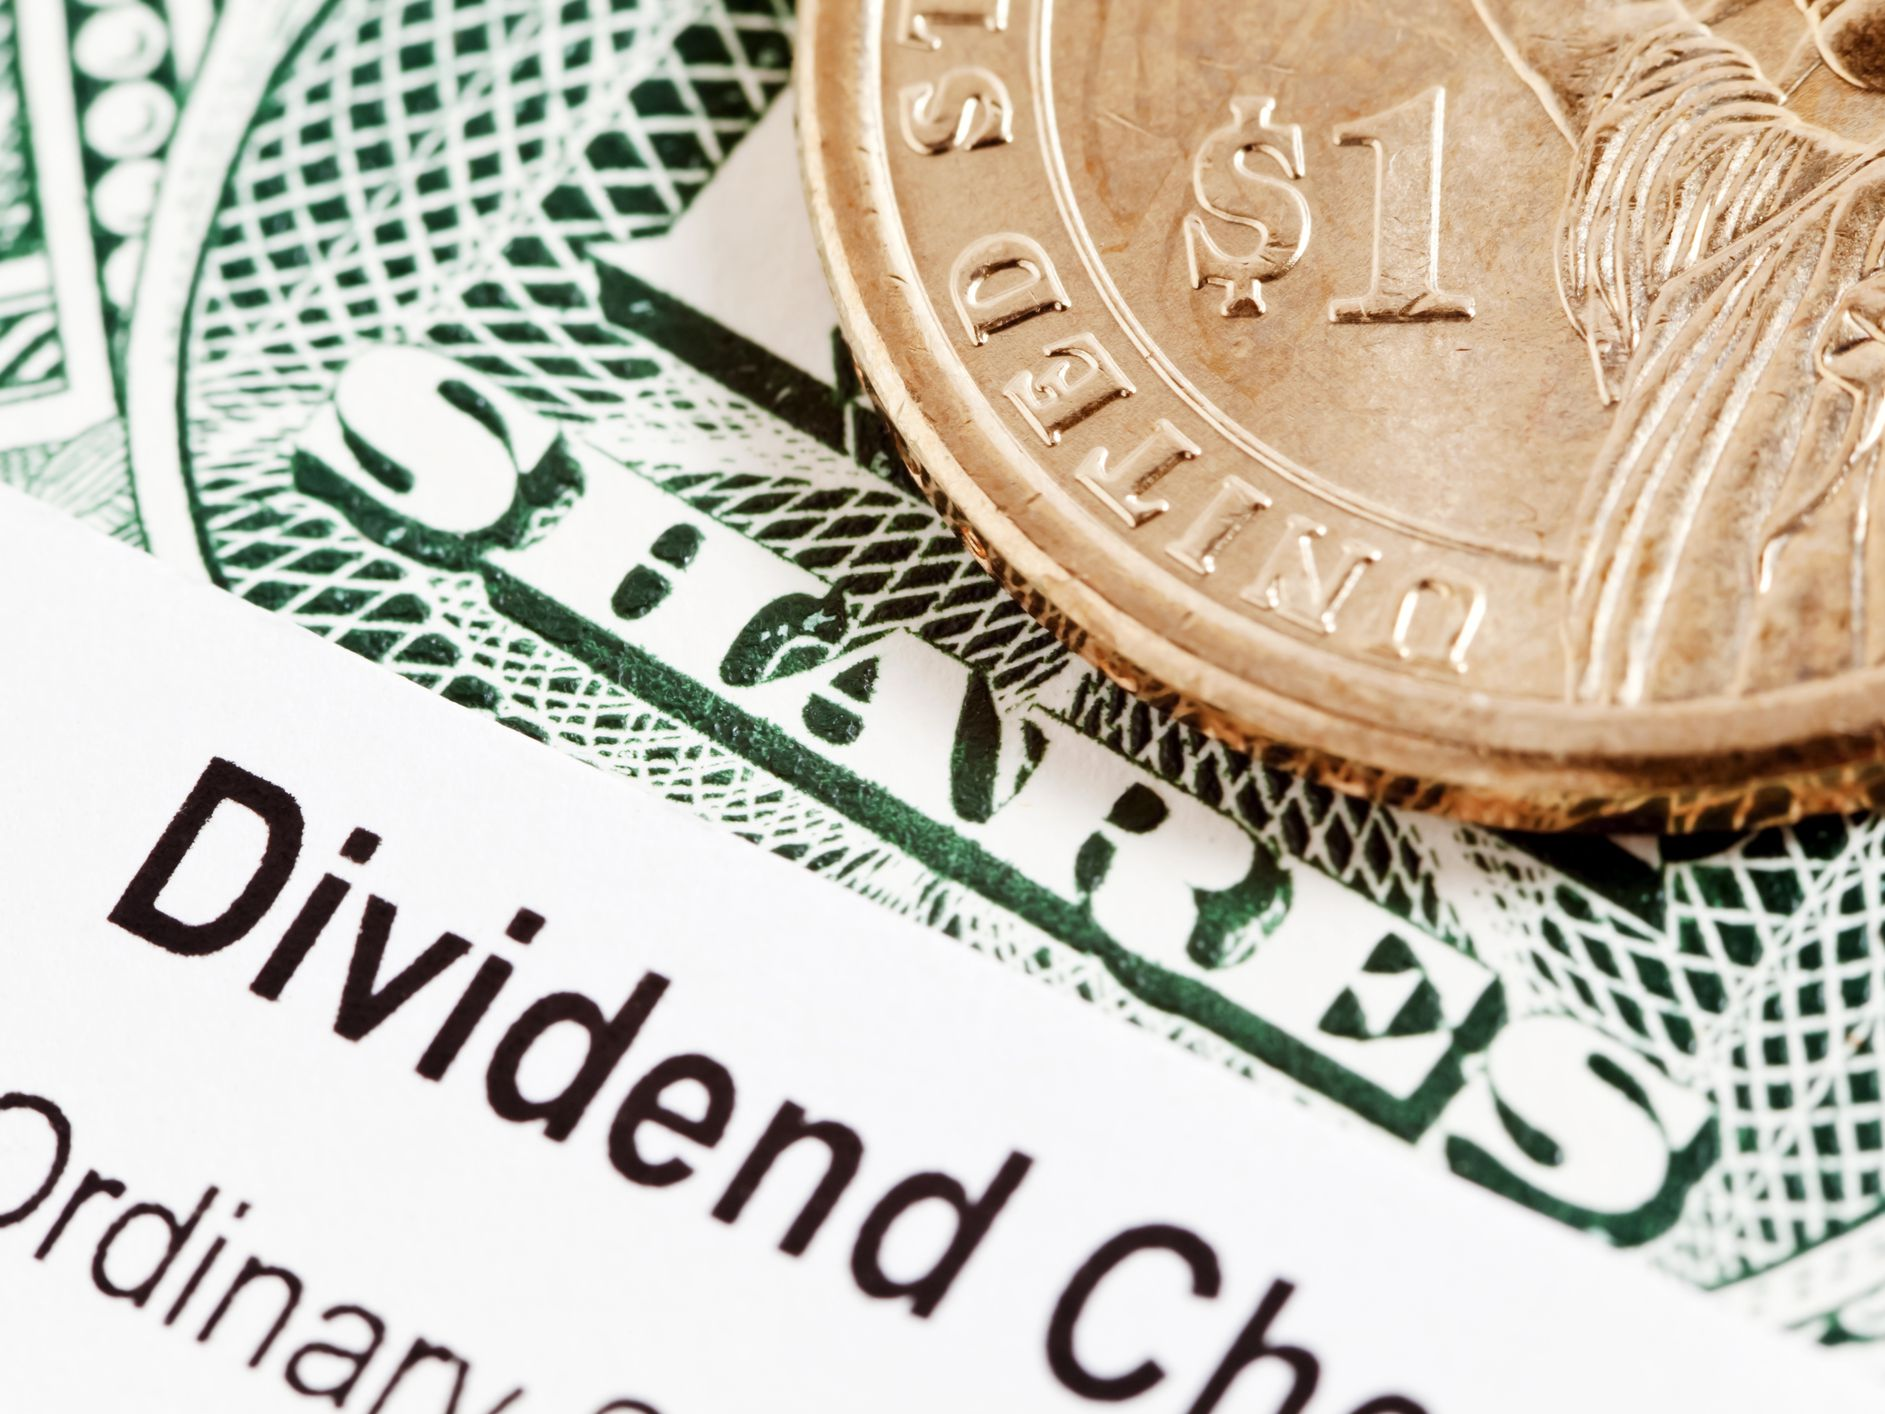 iShares MSCI USA Quality Dividend UCITS ETF (QDIV ETF) är en utdelande ETF, som investerar i högutdelare från USA. Det gör att den kan fungera som en god ersättare för amerikanska utdelnings-ETFer